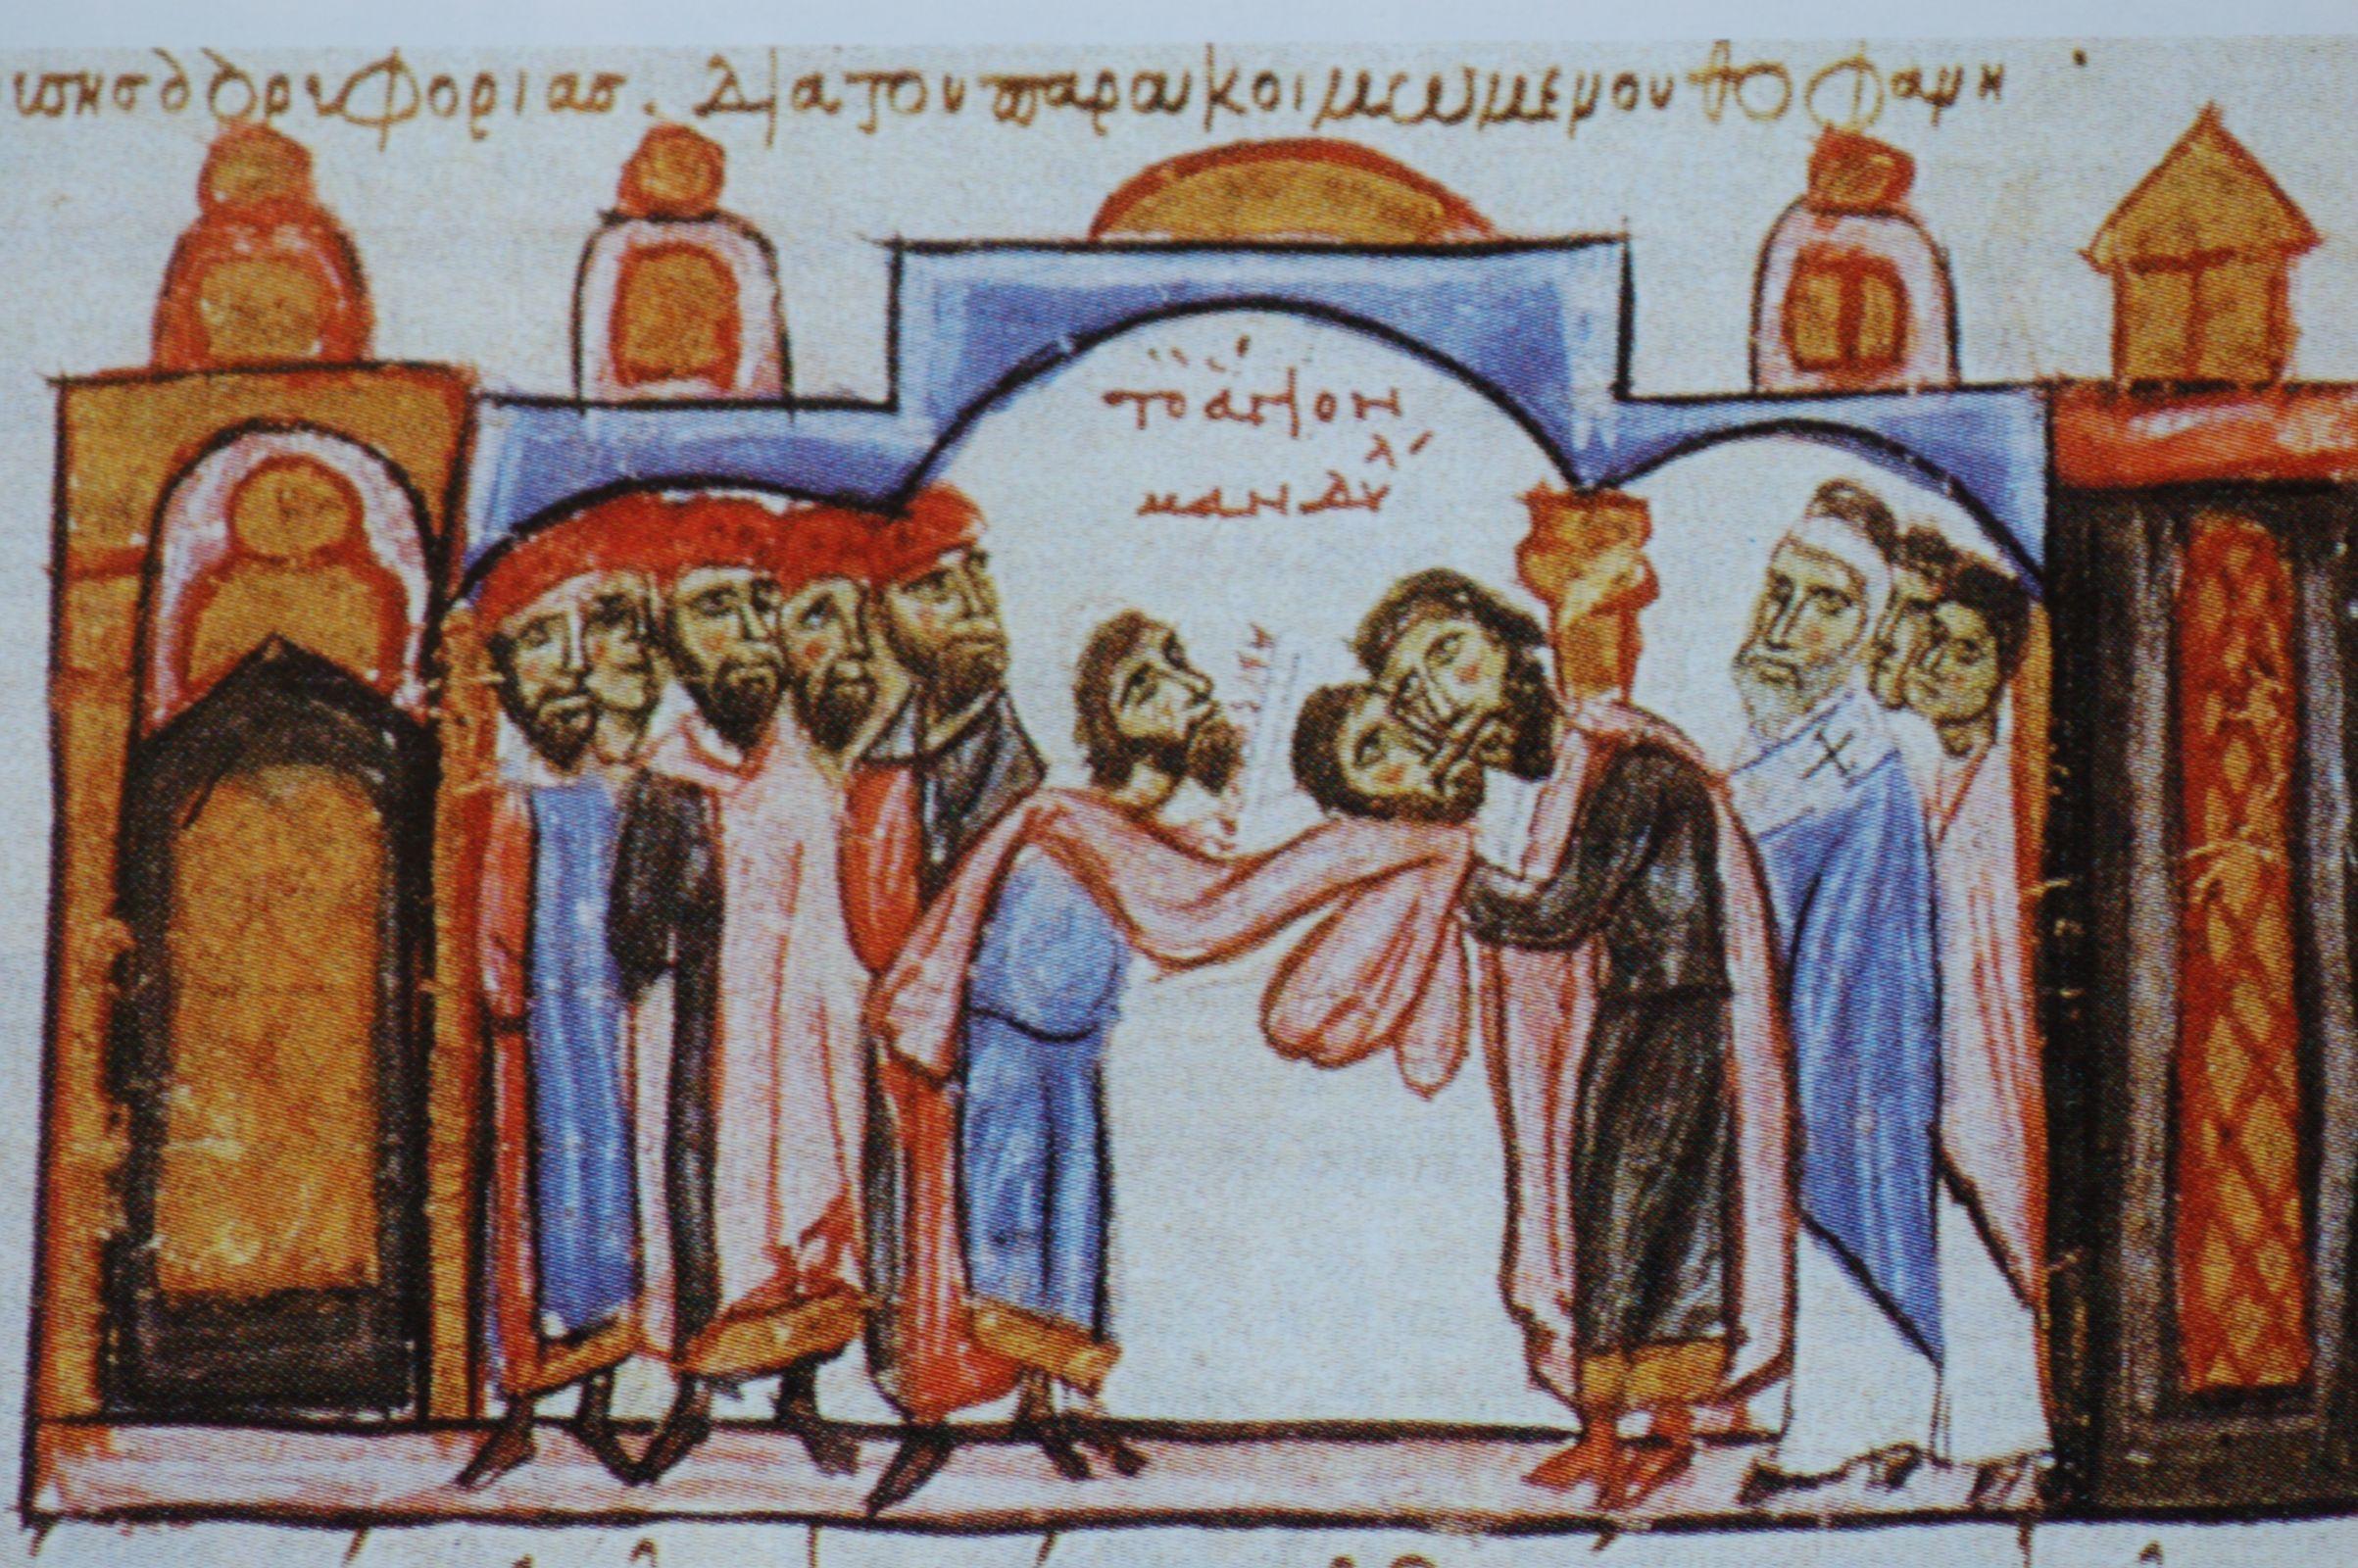 Photo 3. Constantinople Emperor receives mandylion of Edessa 944 AD